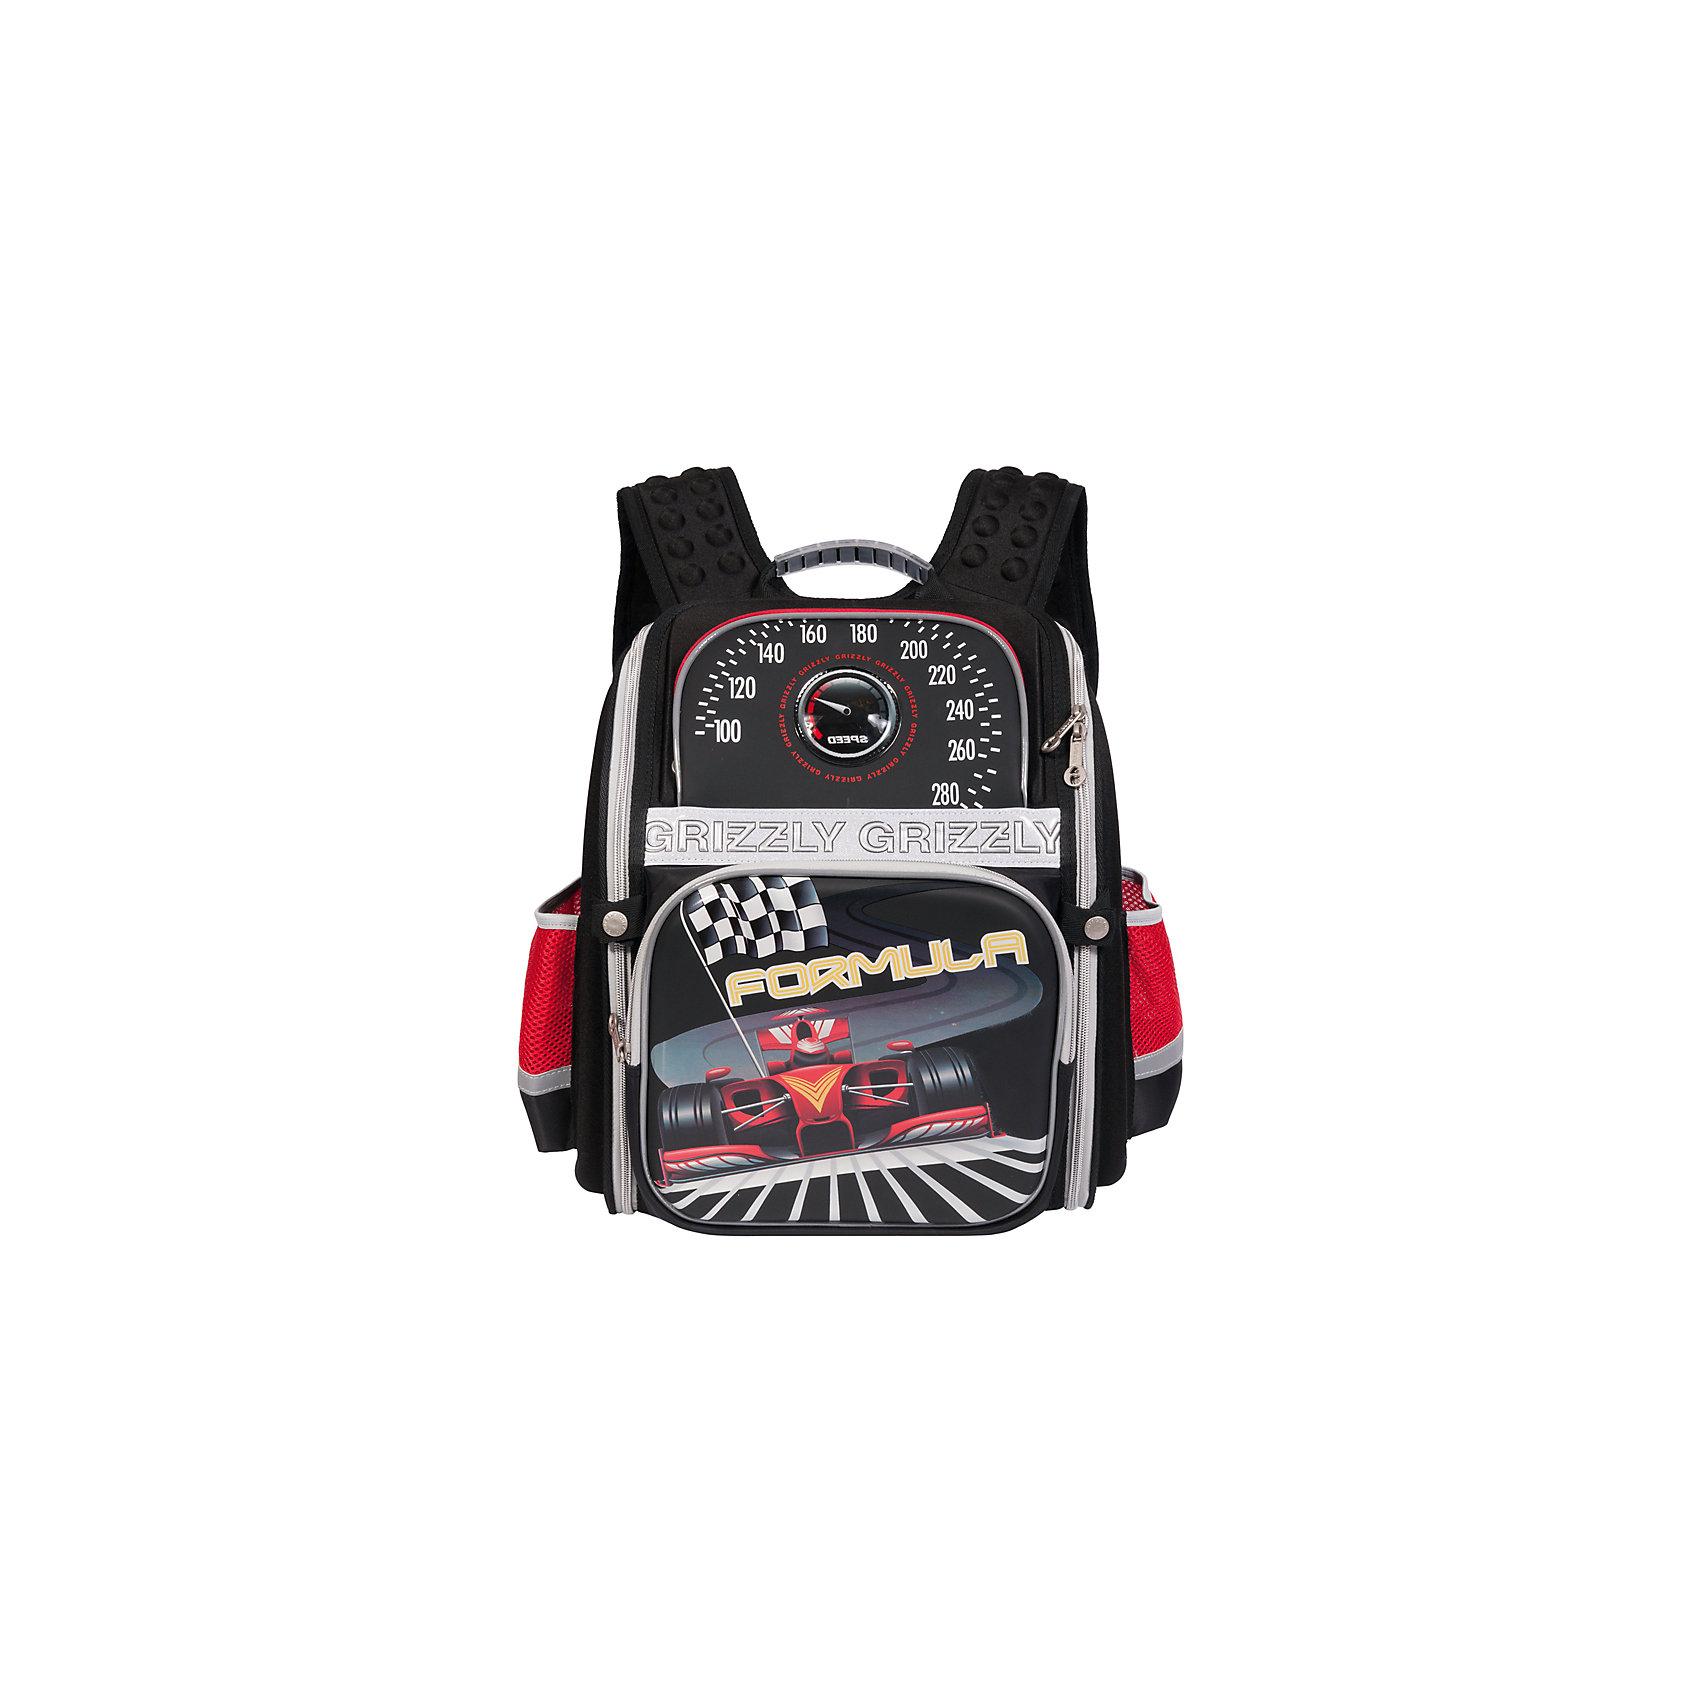 Школьный рюкзак, черныйШкольный рюкзак, черный, Grizzly (Гризли) ? рюкзак отечественного бренда Гризли школьной серии.  Рюкзак  выполнен из полиэстера и пластика высокого качества, что обеспечивает, с одной стороны, легкий вес, а с другой ? надежность и прочность. Все швы выполнены капроновыми нитками, что делает швы особенно крепкими и устойчивыми к износу даже в течение нескольких лет. <br>Внутреннее устройство рюкзака состоит из одного вместительного отсека, внутреннего кармана на молнии и внутреннего составного пенала-органайзера. На передней стенке имеются два объемных кармана, застегивающихся на молнию, по бокам – боковые карманы на застежке-молнии. Удобство и эргономичность рюкзака создается за счет жесткой анатомической спинки, укрепленных лямок и мягкой укрепленной ручки. Также имеется дополнительная ручка-петля. С четырех сторон рюкзака имеются светоотражающие элементы и нашивка с мигающими огнями. В комплекте с рюкзаком идет игрушка-брелок. Уникальность рюкзаков Grizzly заключается в том, что анатомическая спинка изготовлена из специальной ткани, которая пропускает воздух, тем самым защищает спину от повышенного потоотделения.<br>Все рюкзаки школьной серии Grizzly (Гризли) имеют оригинальный современный дизайн. Школьный рюкзак, черный, Grizzly (Гризли) выполнен в черном цвете с яркими разноцветными элементами. Передняя стенка украшена яркими рисунками спортивной тематики.<br>Школьный рюкзак, черный, Grizzly (Гризли) ? это качество материалов, удобство, стиль и долговечность использования. <br><br>Дополнительная информация:<br><br>- Вес: 800 г<br>- Габариты (Д*Г*В): 30*16*37 см<br>- Цвет: черный, красный, серый, желтый<br>- Материал: полиэстер, пластик <br>- Сезон: круглый год<br>- Коллекция: школьная <br>- Год коллекции: 2016 <br>- Пол: мужской<br>- Предназначение: для школы<br>- Особенности ухода: можно чистить влажной щеткой или губкой, допускается ручная стирка<br><br>Подробнее:<br><br>• Для школьников в возрасте: от 6 лет и до 10 лет<br>• Страна произ